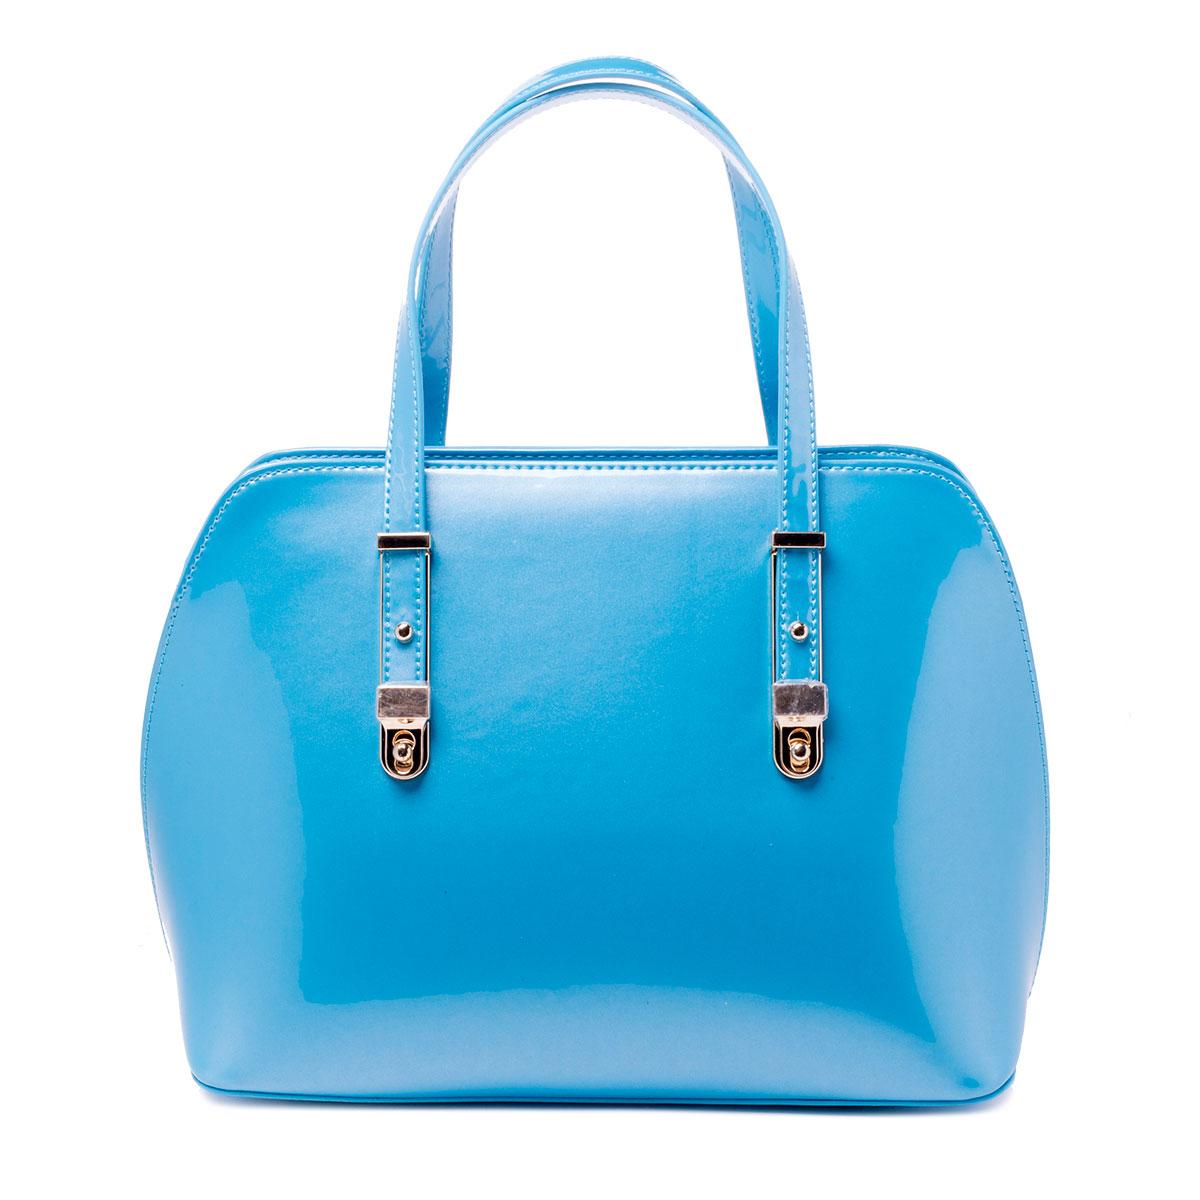 Сумка женская Baggini, цвет: голубой, аква. 35603/4035603/40Сумка жен., иск. кожа